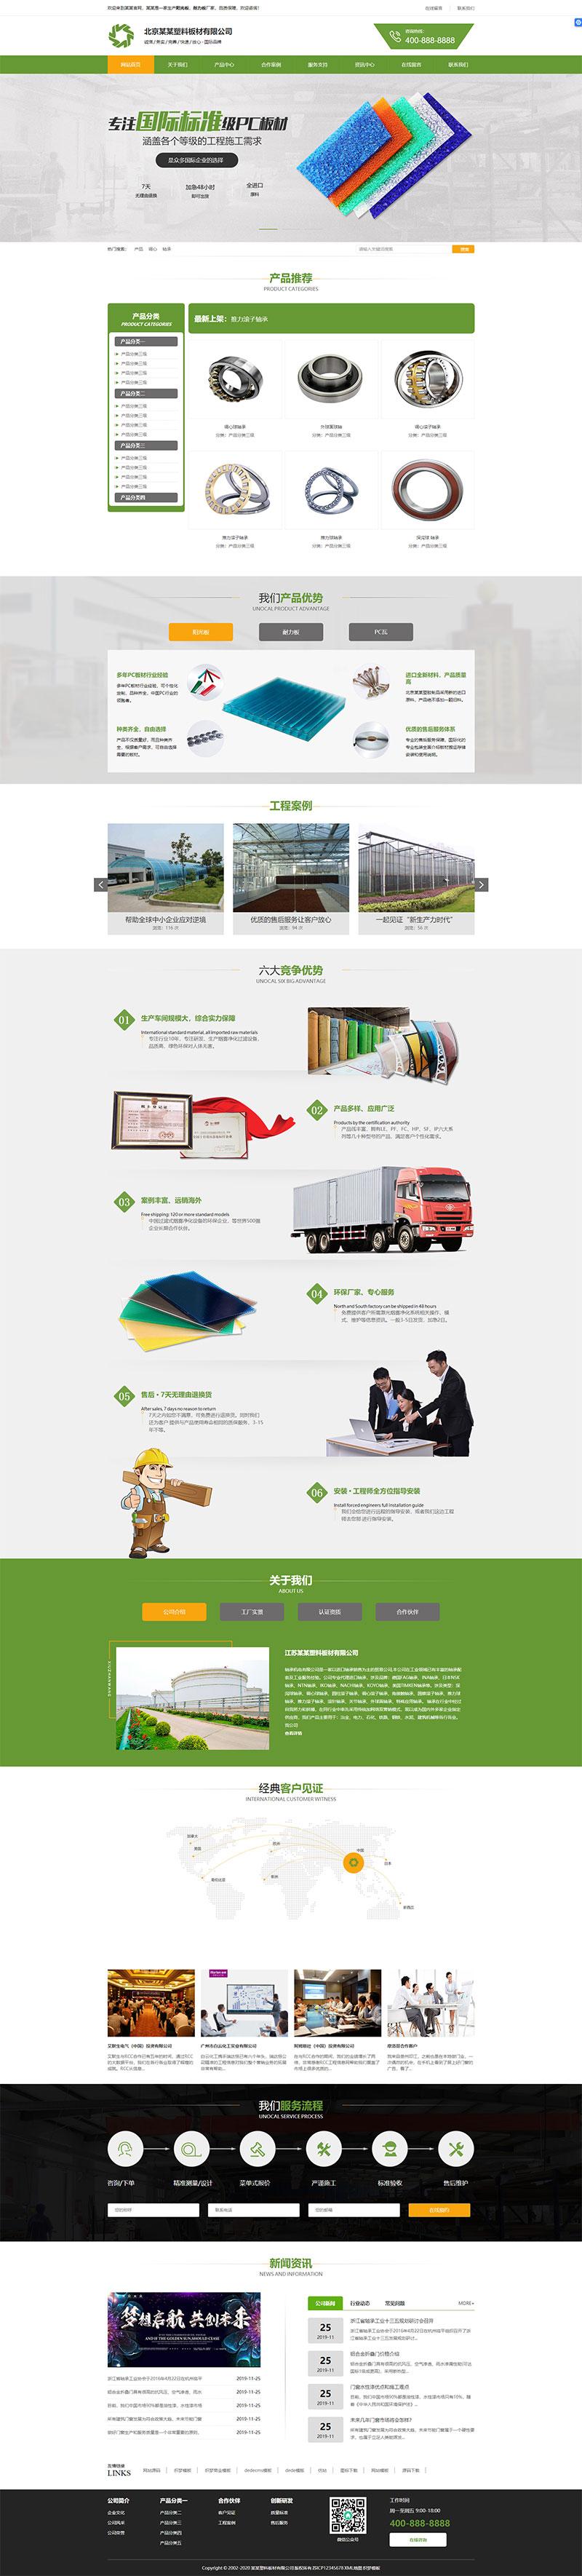 爱上源码网文章织梦dedecms绿色营销型五金塑料板材企业网站模板(带手机移动端)的内容插图